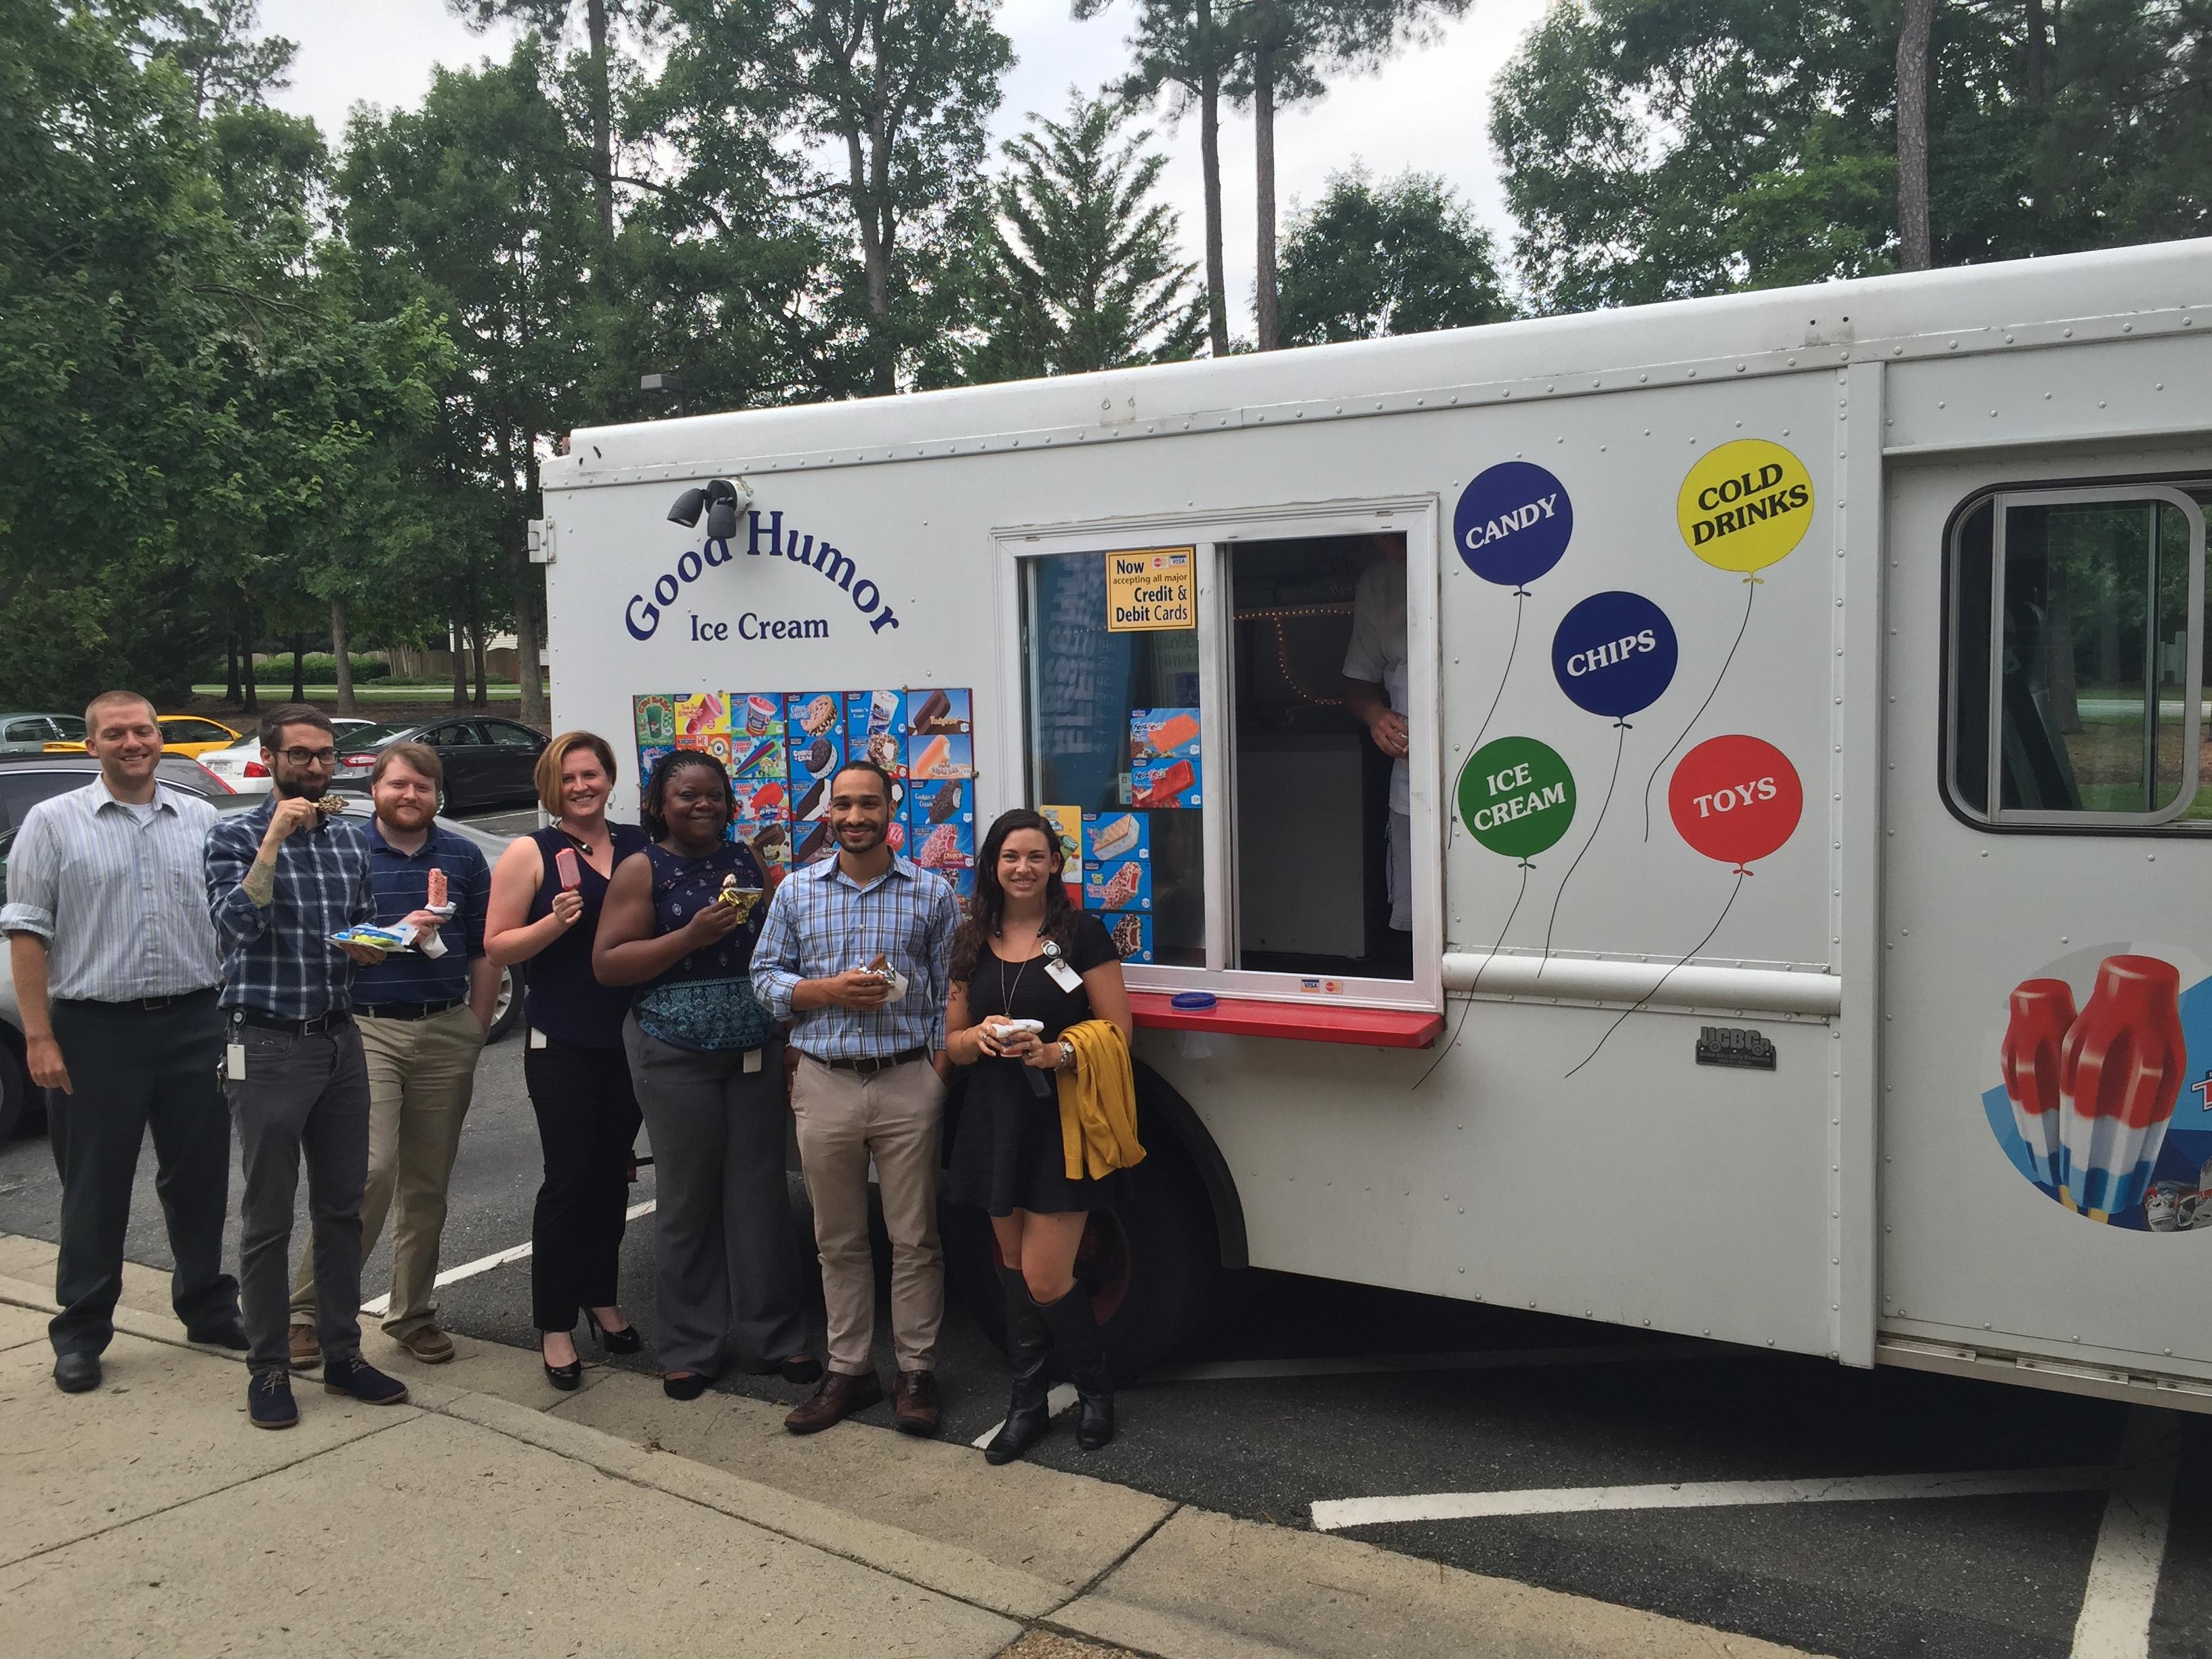 Ice Cream Truck Visit